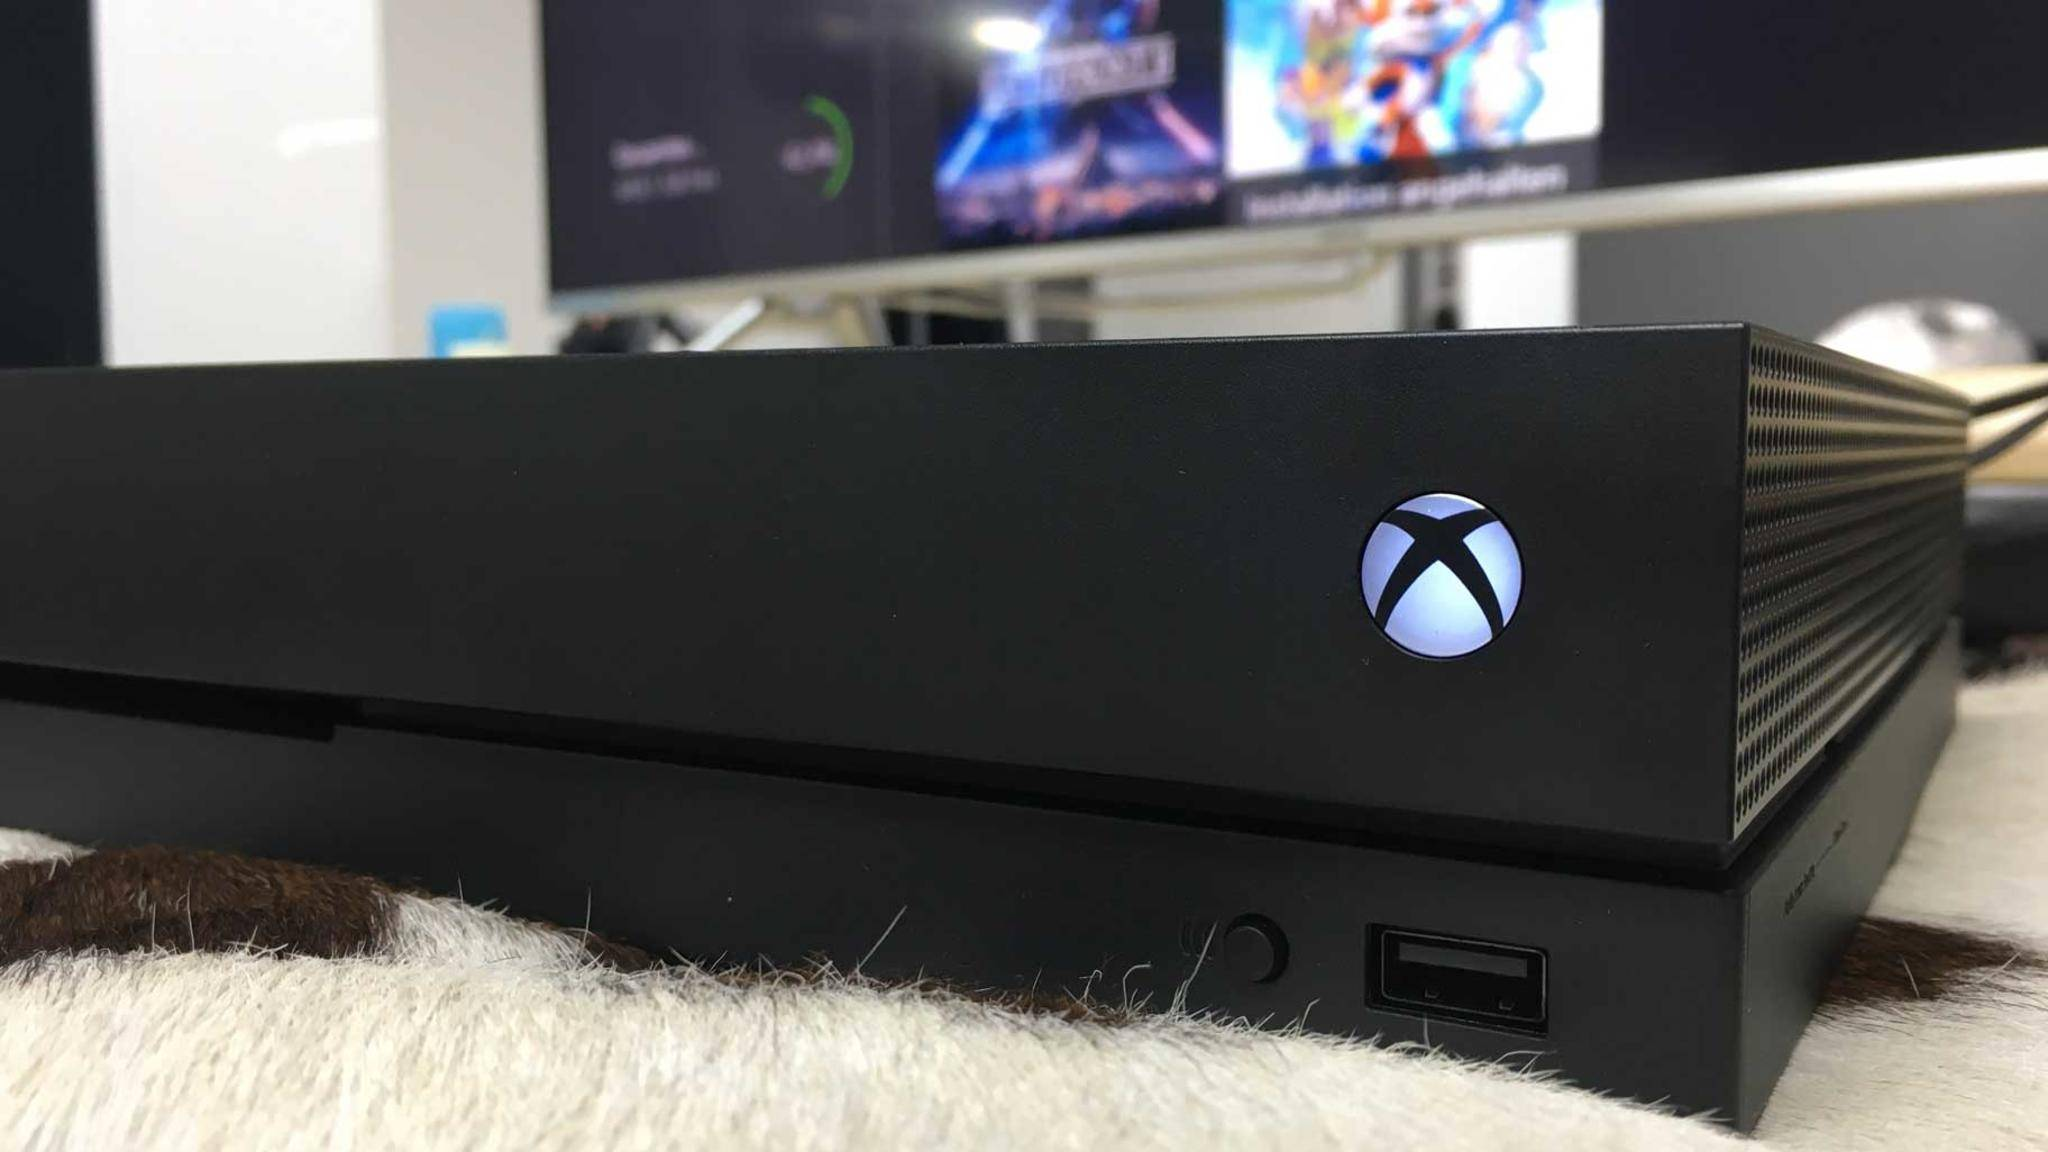 Die Bildübertragung der Xbox One X könnte dank Freesync 2 verbessert werden.